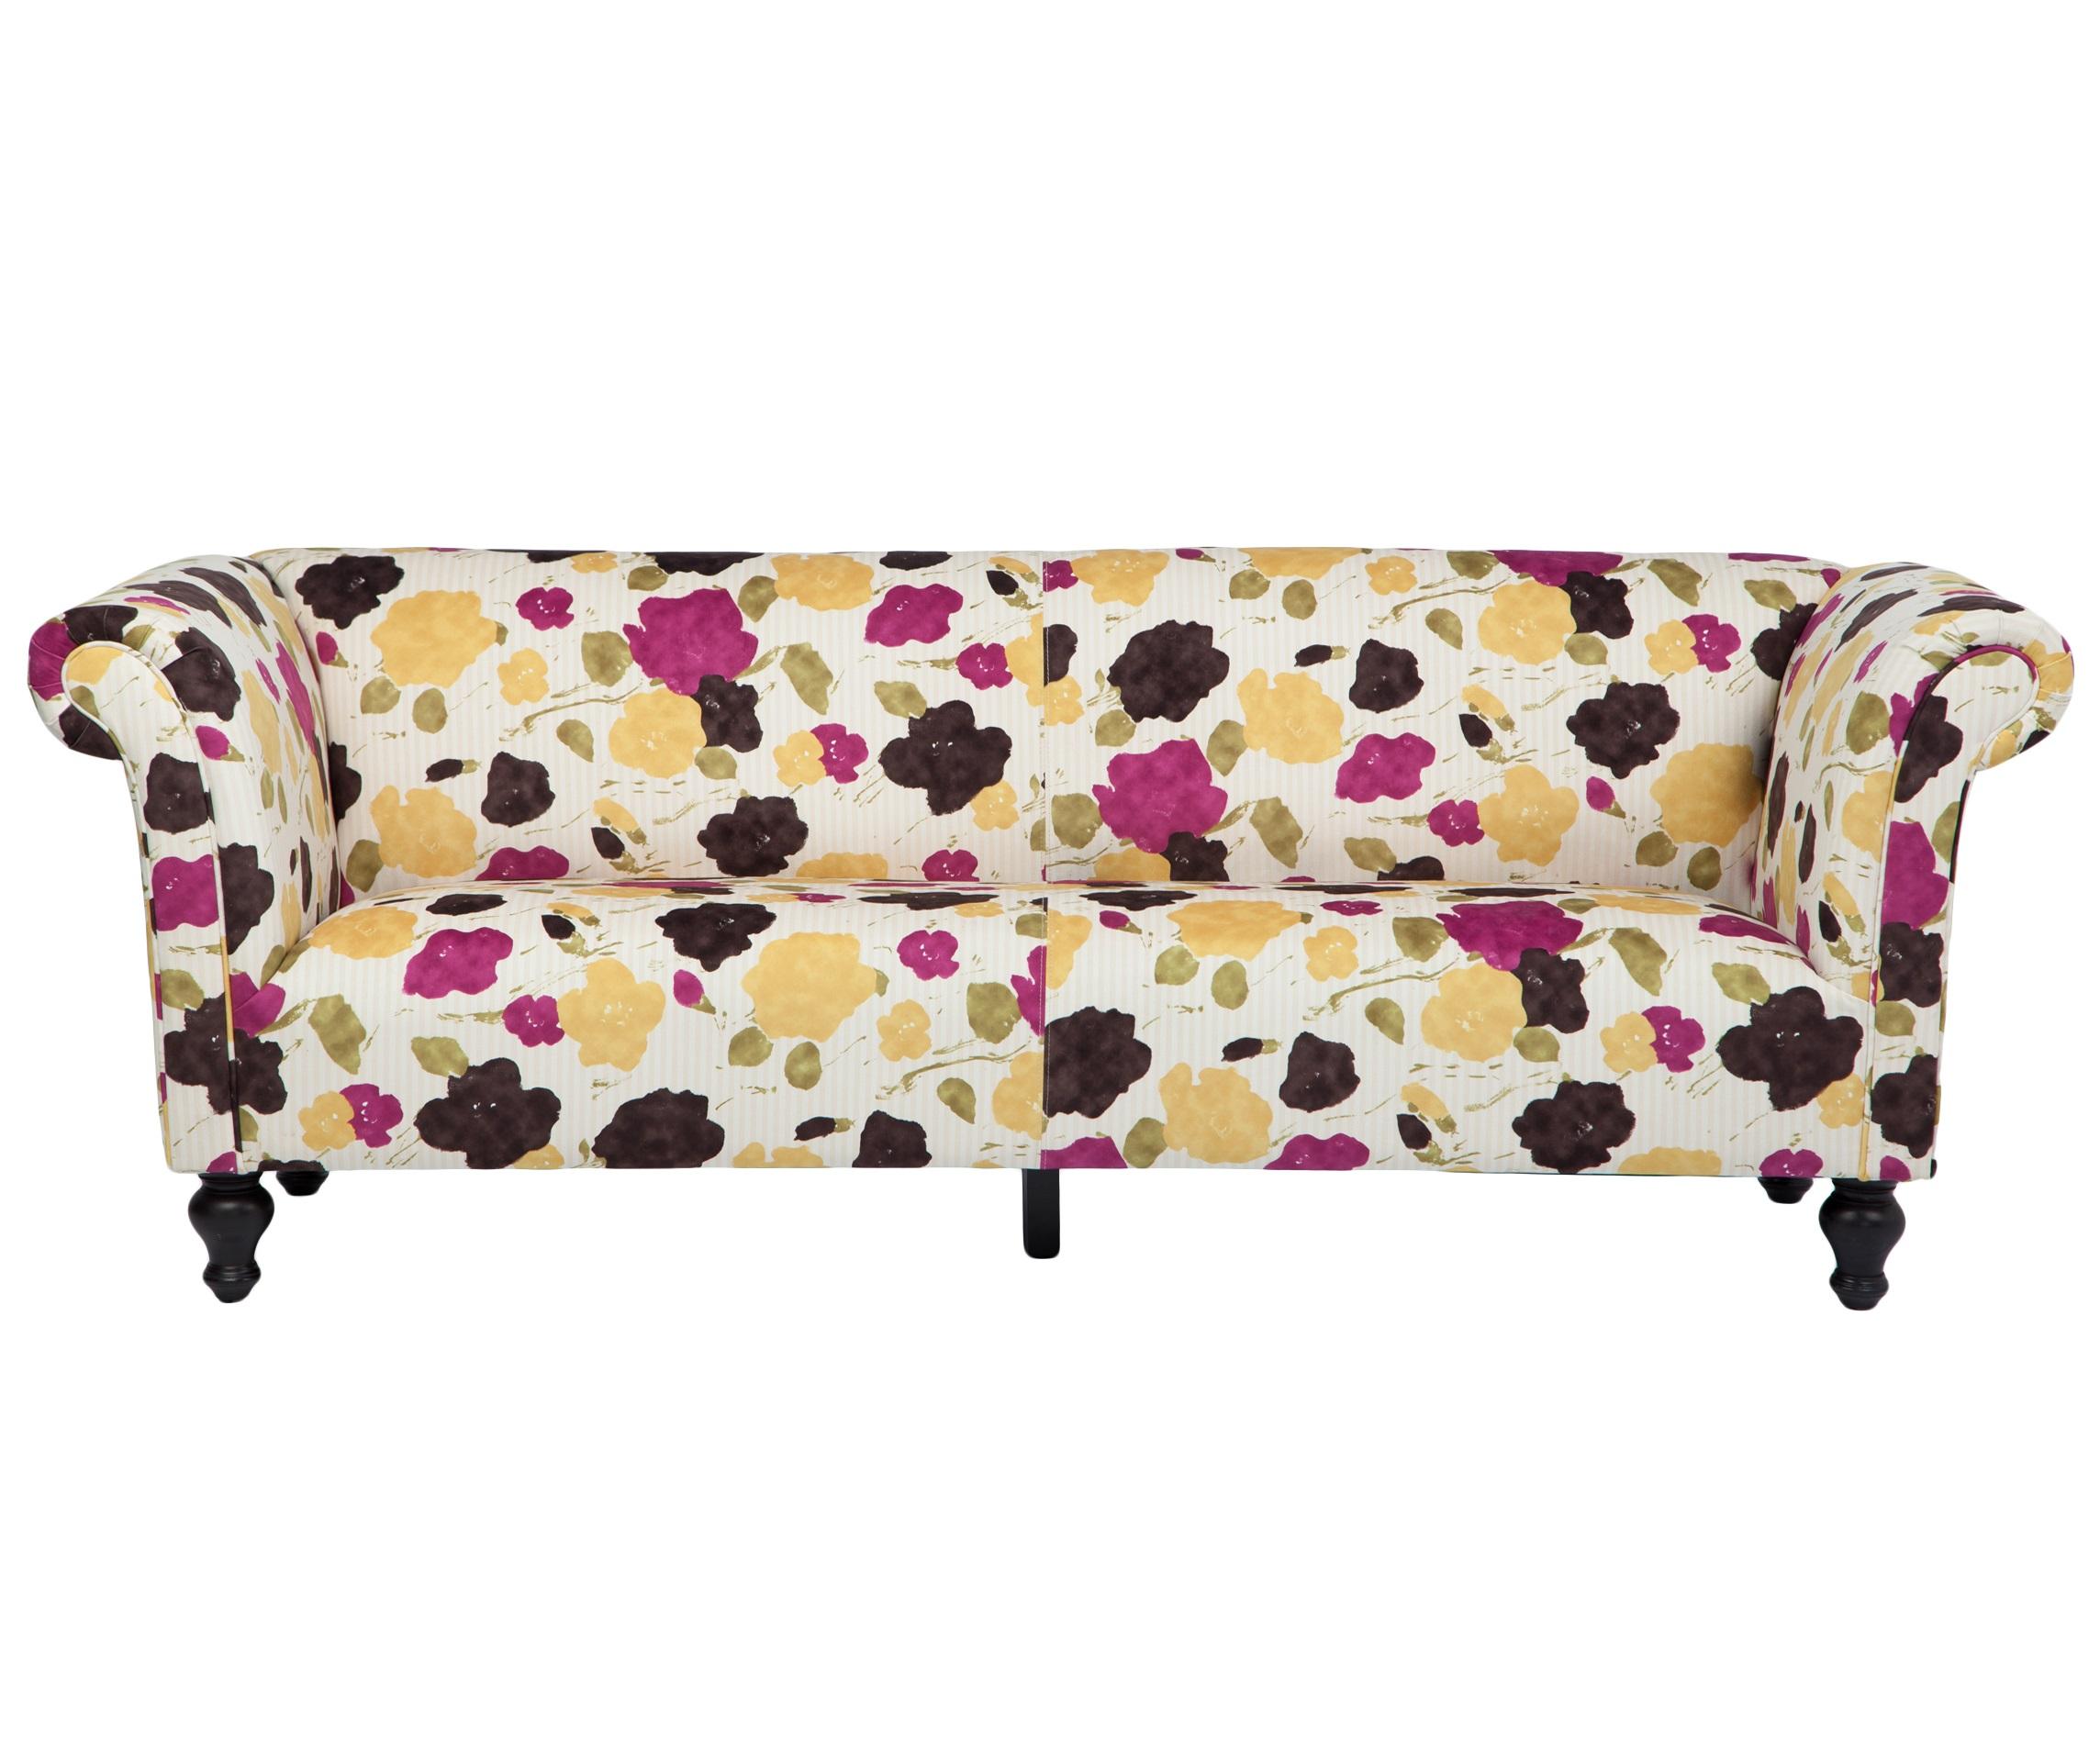 ДиванТрехместные диваны<br><br><br>Material: Текстиль<br>Ширина см: 216<br>Высота см: 75<br>Глубина см: 83